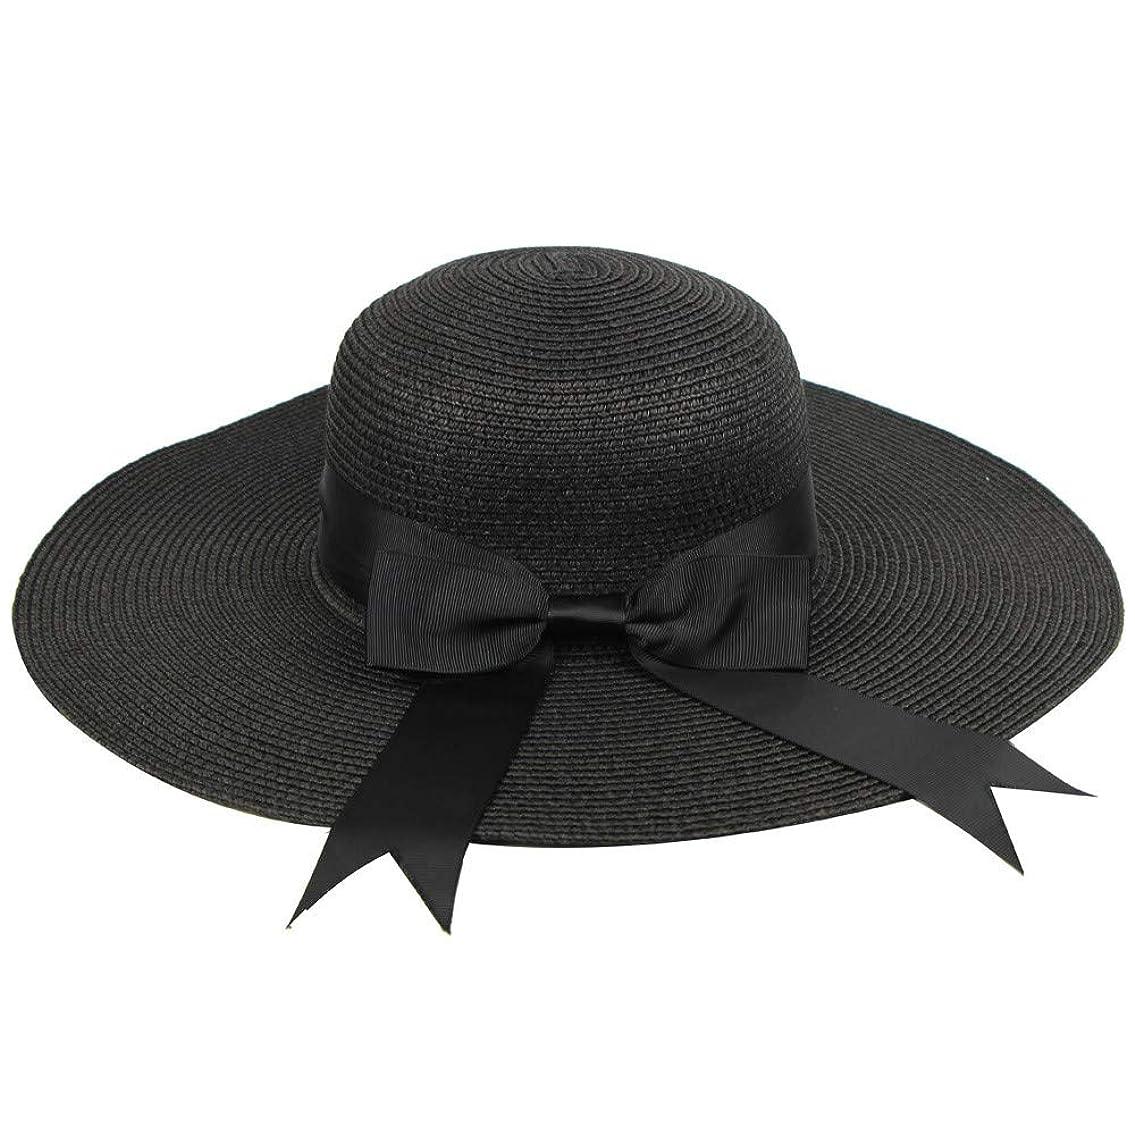 絶滅した異議六月UVカット 帽子 ハット レディース 紫外線対策 日焼け防止 軽量 熱中症予防 取り外すあご紐 つば広 おしゃれ 広幅 小顔効果抜群 折りたたみ サイズ調節可 旅行 調節テープ 吸汗通気 紫外線対策 ROSE ROMAN